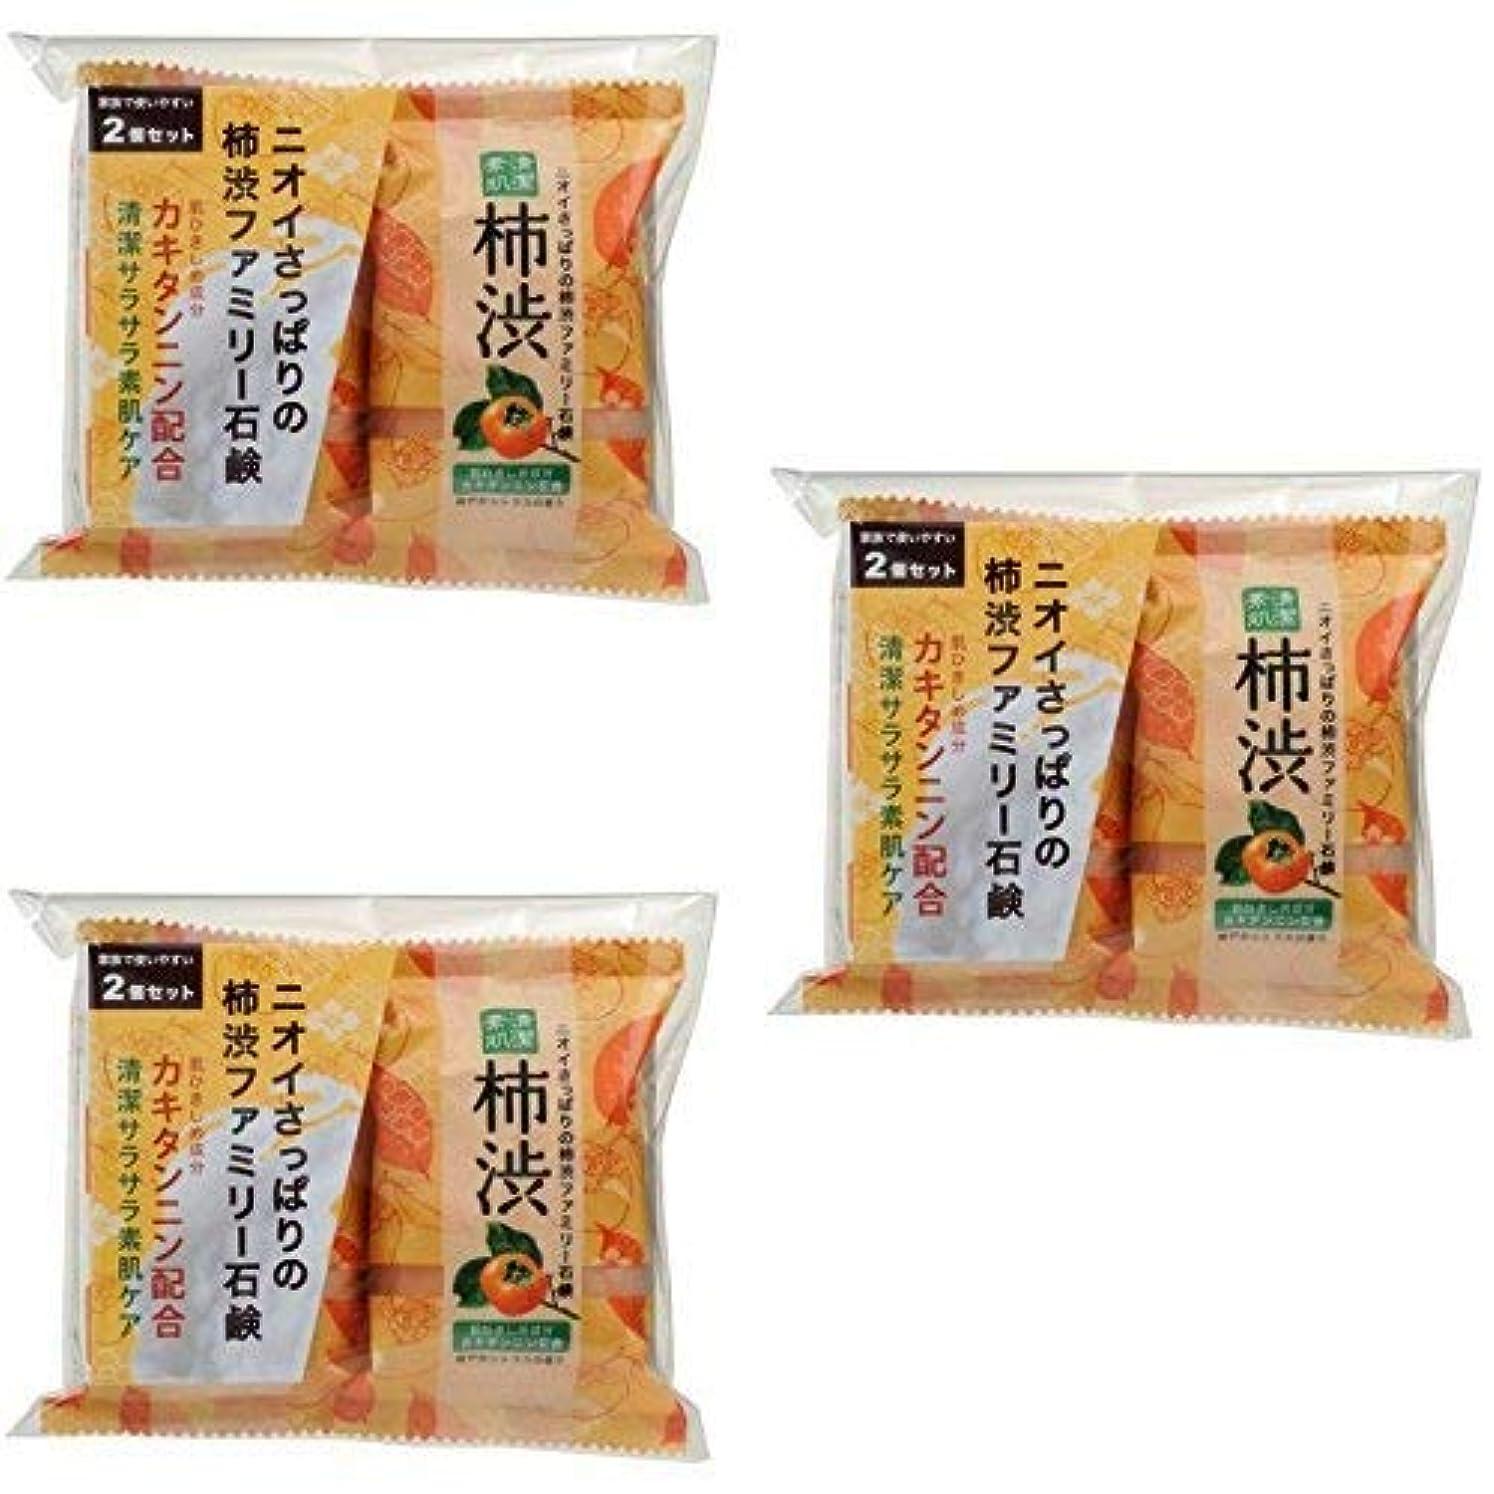 イブ宿る手数料ペリカン石鹸 ファミリー柿渋石鹸 80gX2【3個セット】